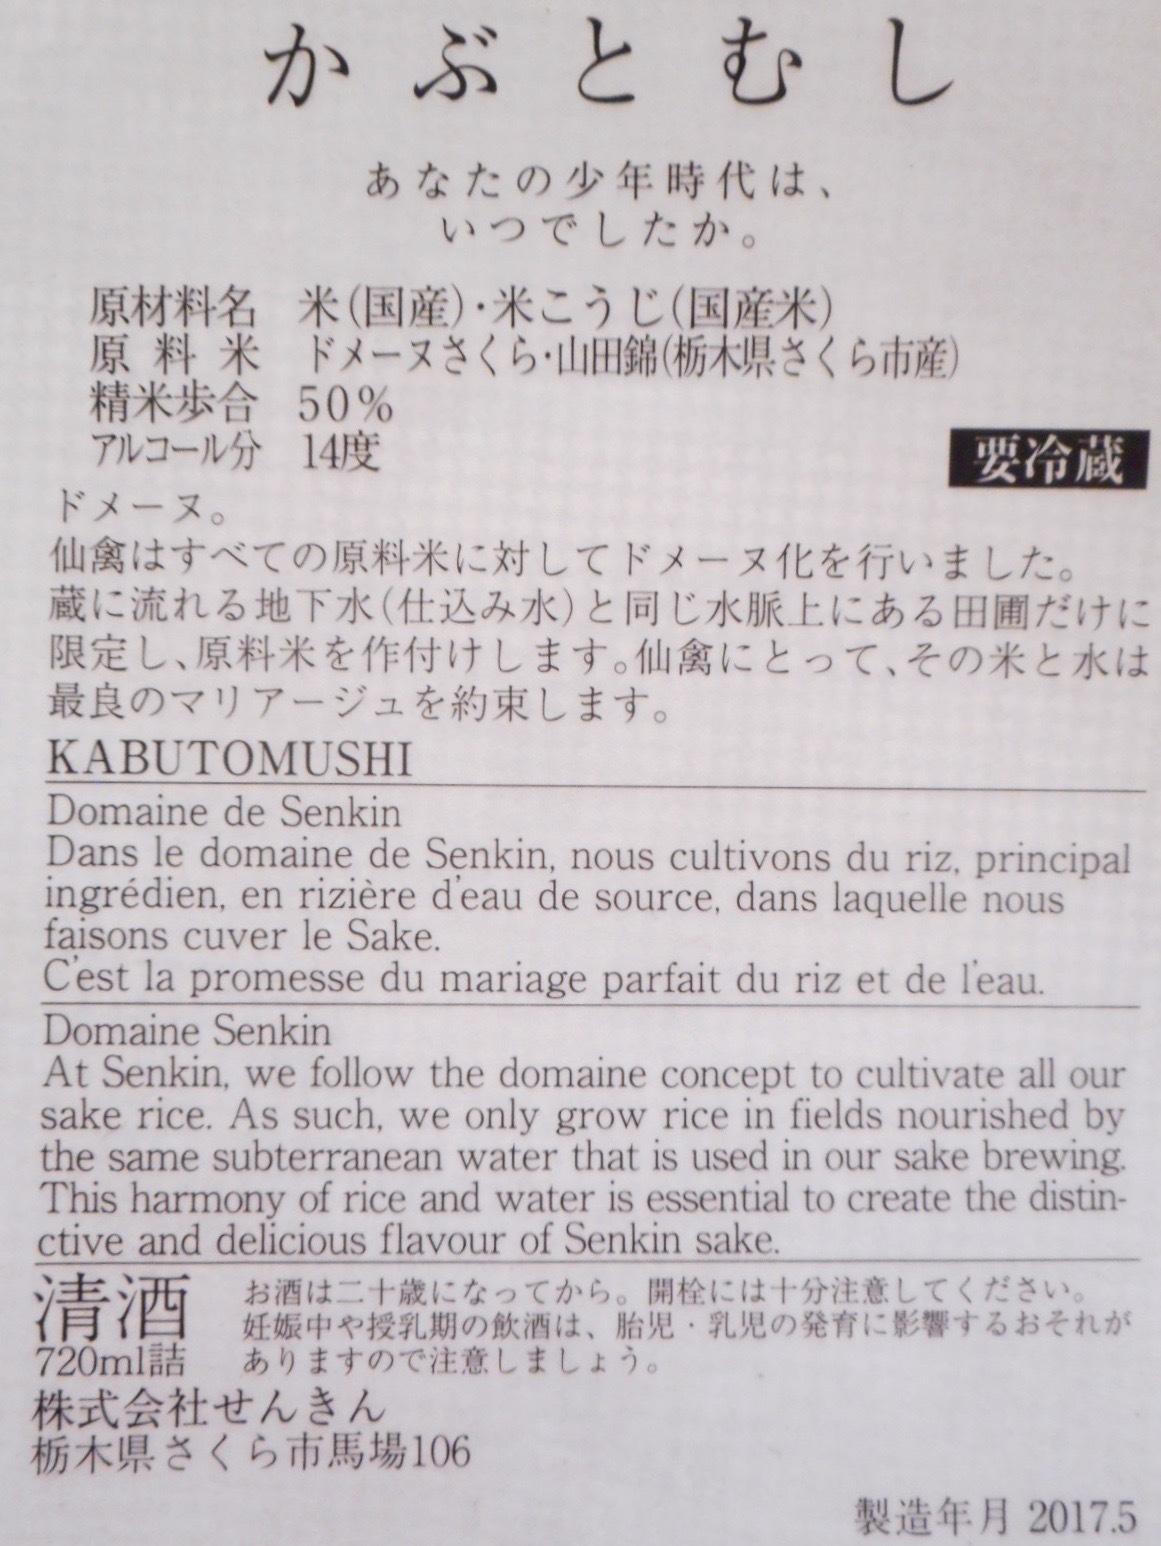 kabutomushi28by6.jpg